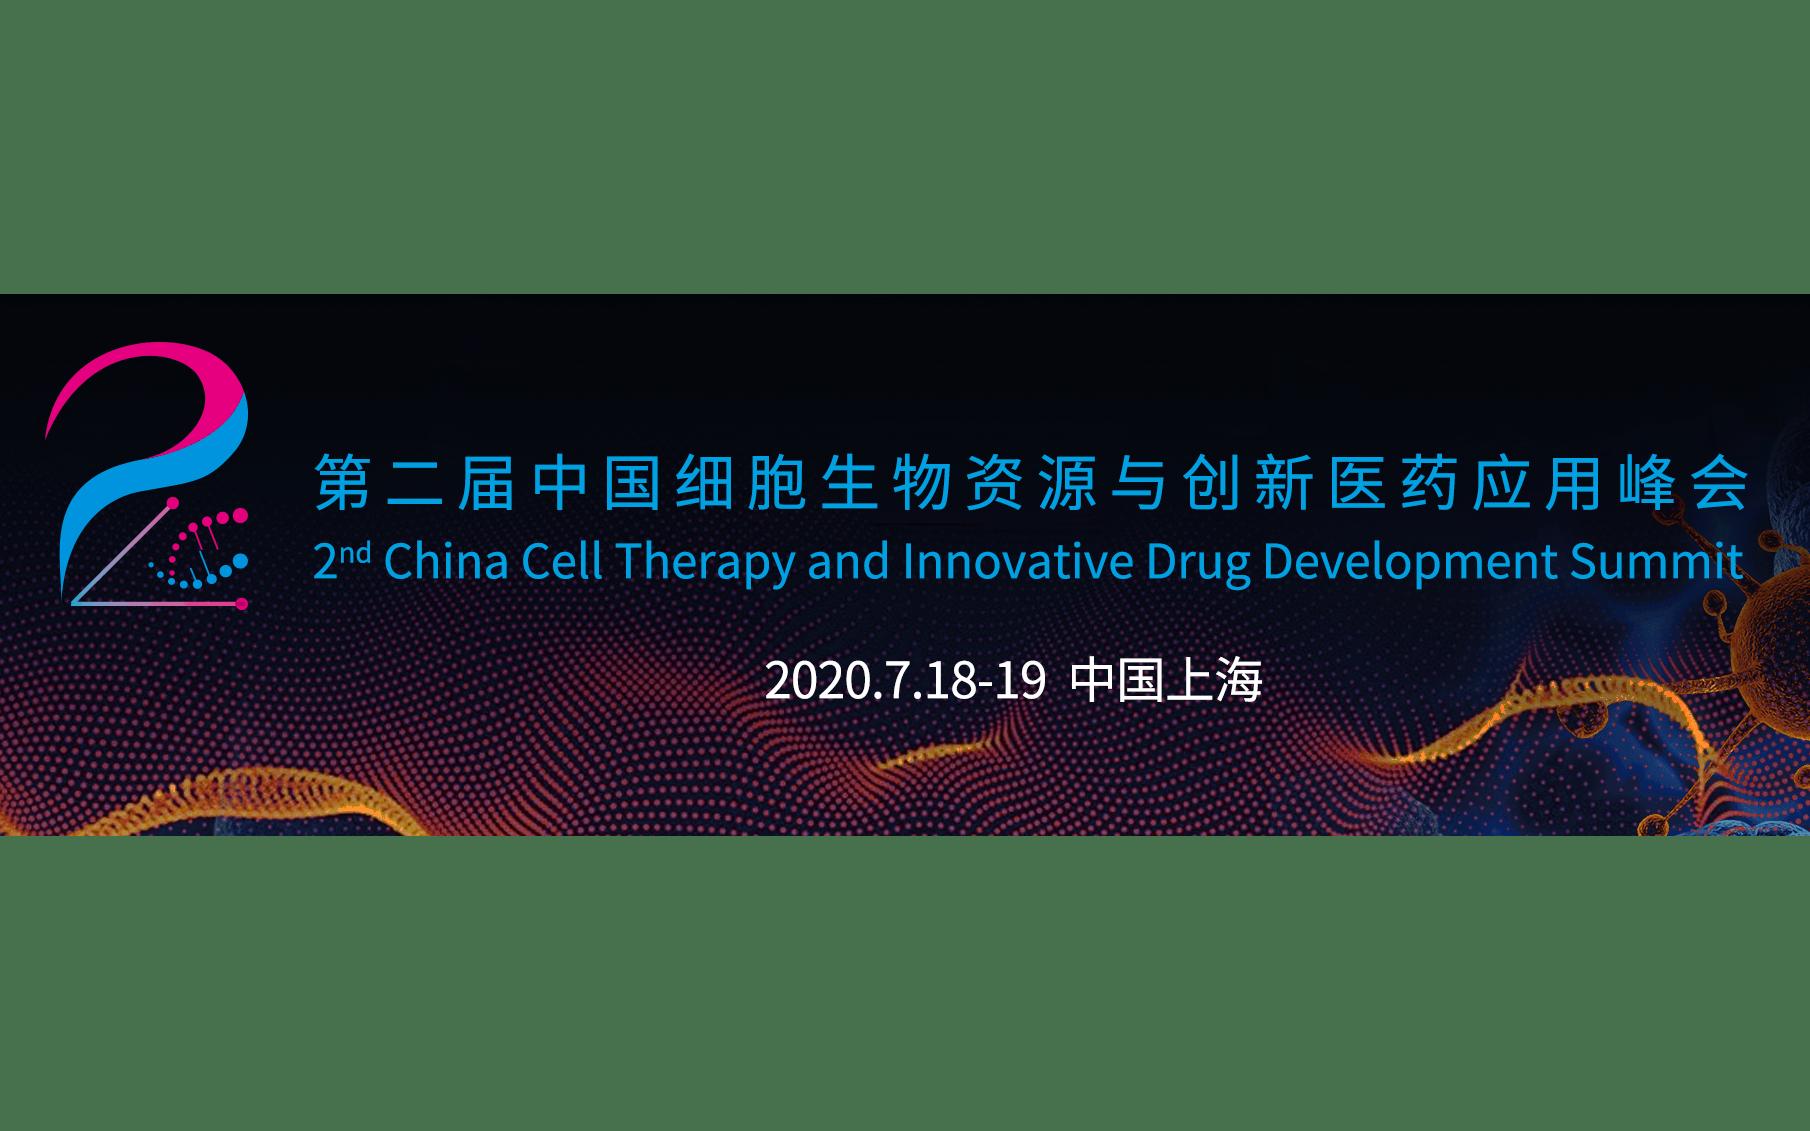 第二届中国细胞生物资源与创新医药应用峰会(2020CIDS)